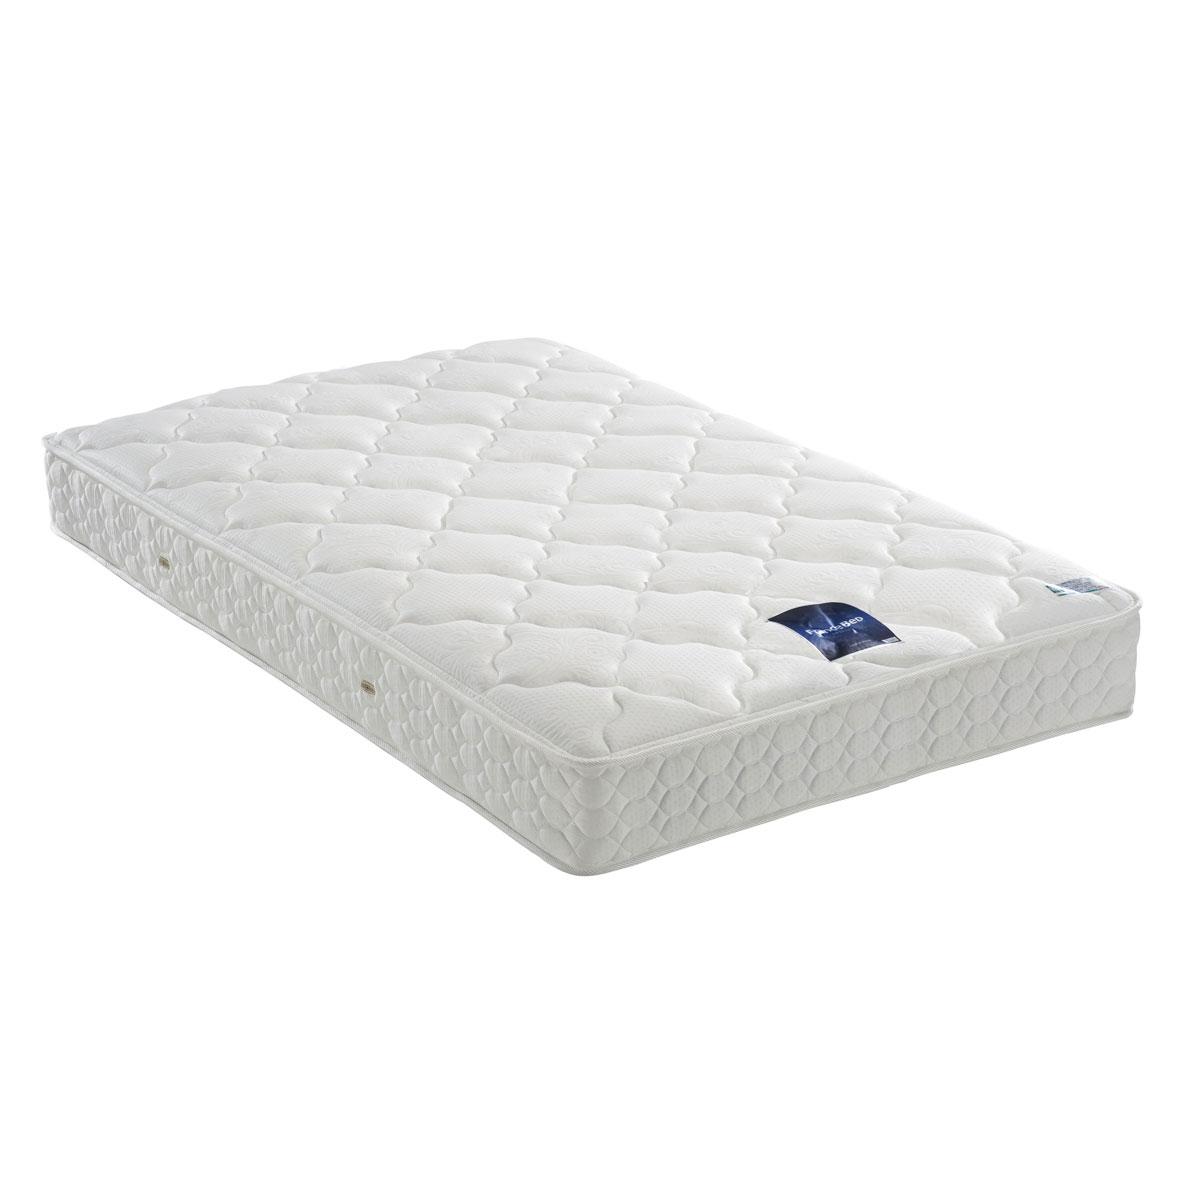 フランスベッド マットレス ホワイト色 ダブル LT-300Nロングサイズ(ソフト) 39791300